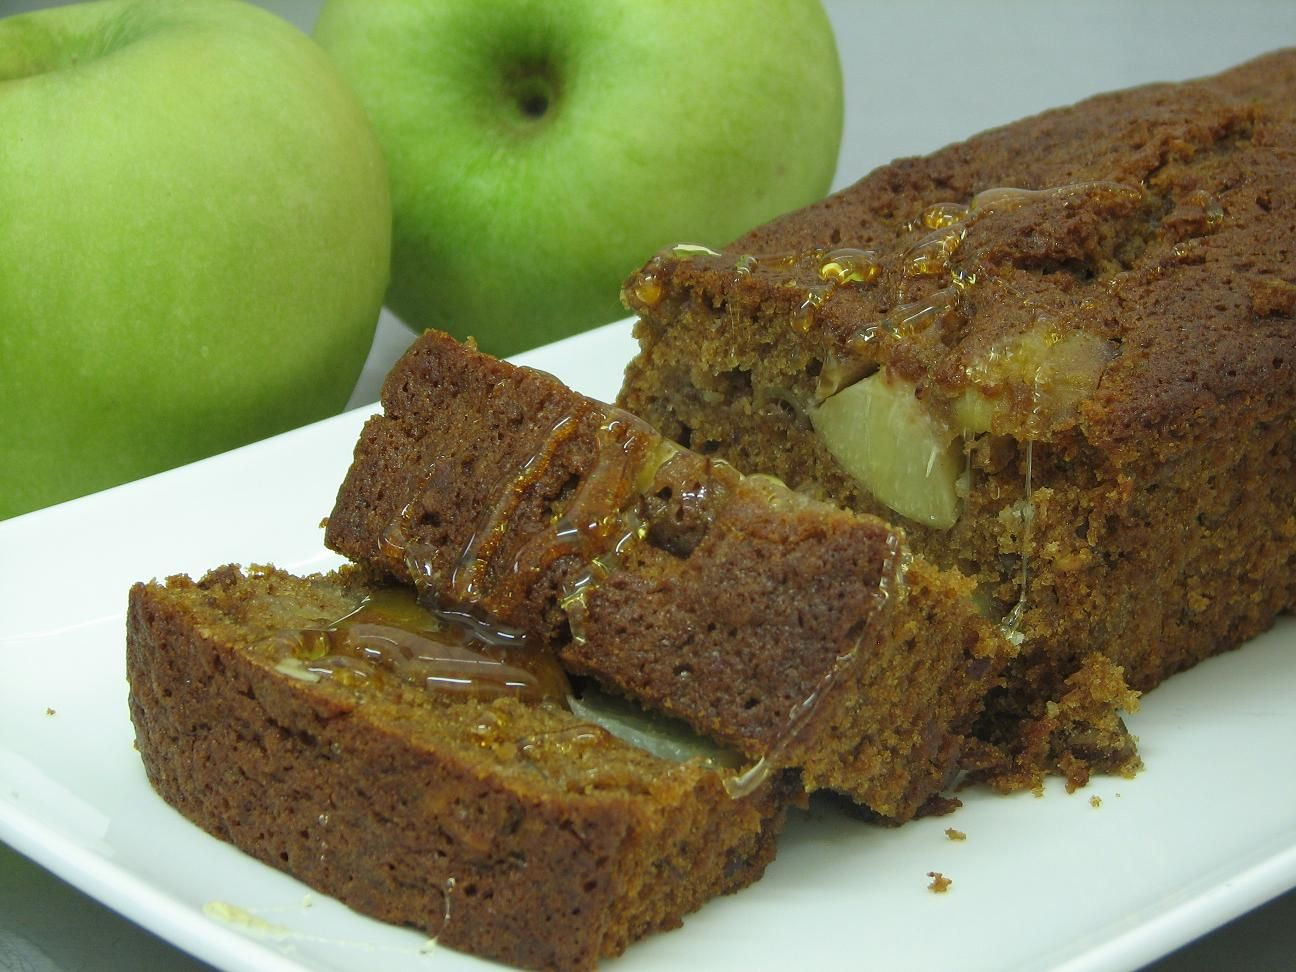 10 מתכונים לעוגות דבש: עוגת דבש עם אפרסקים